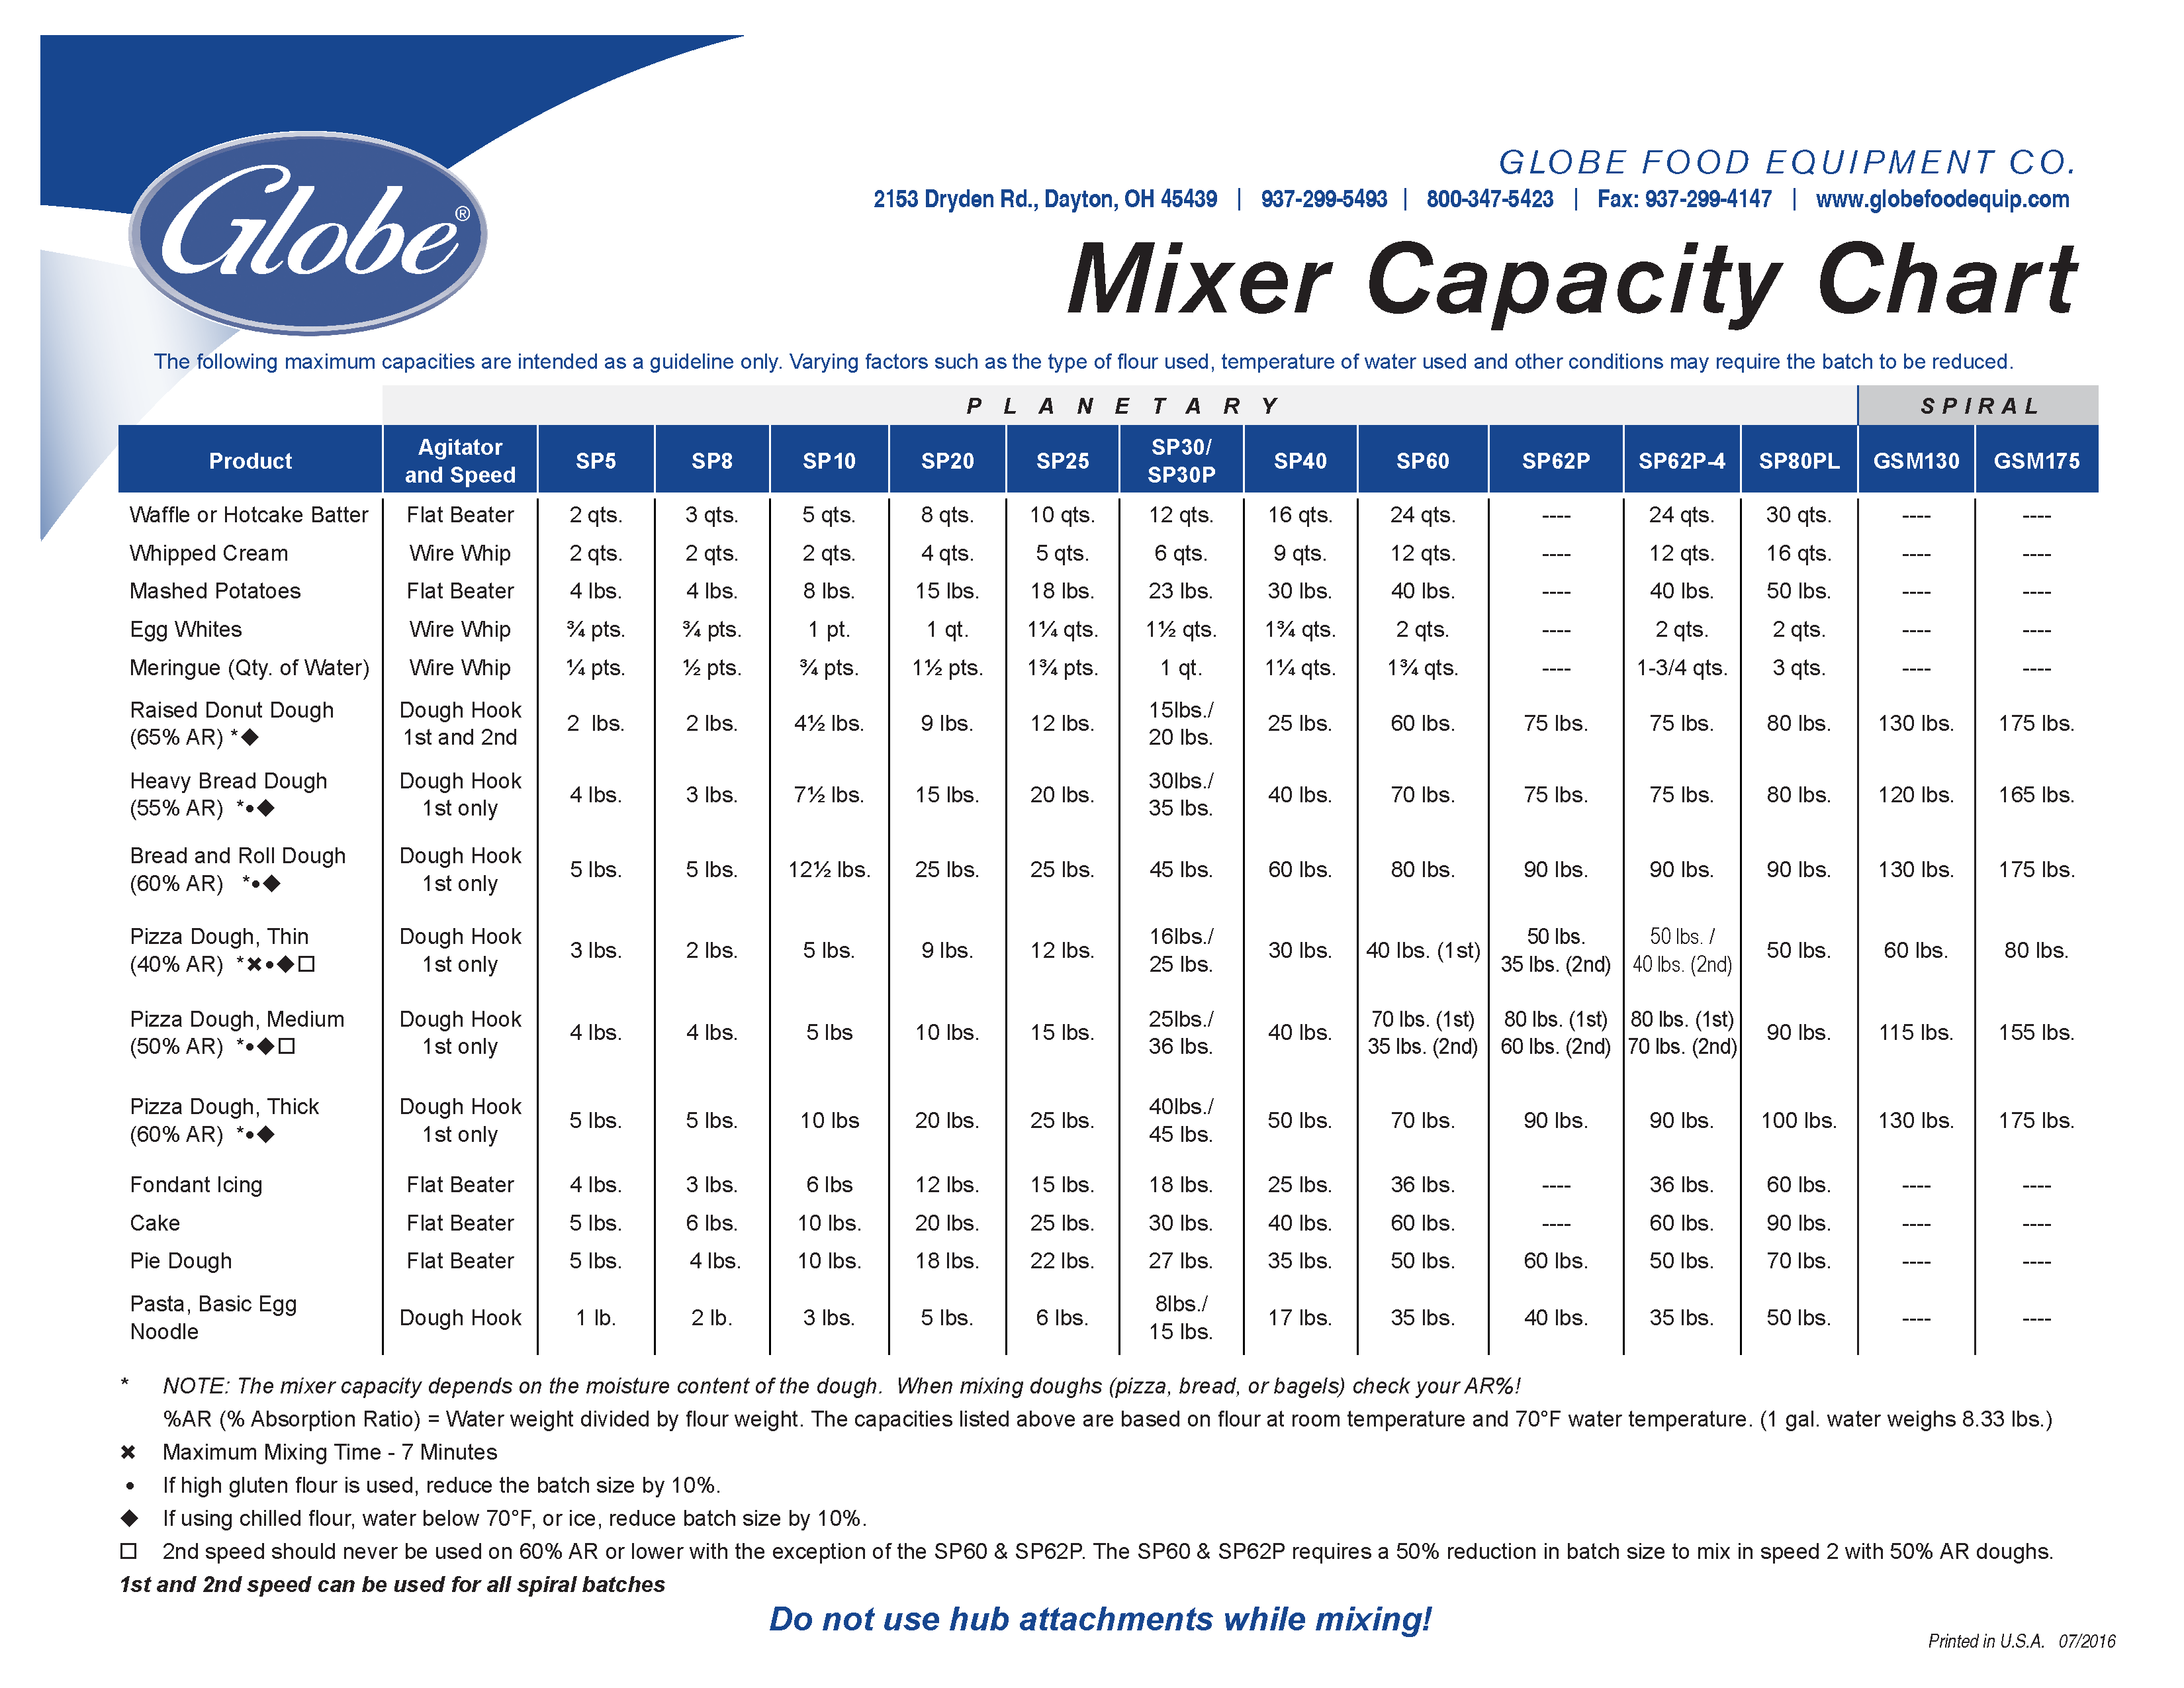 Globe Mixer Capacity Chart